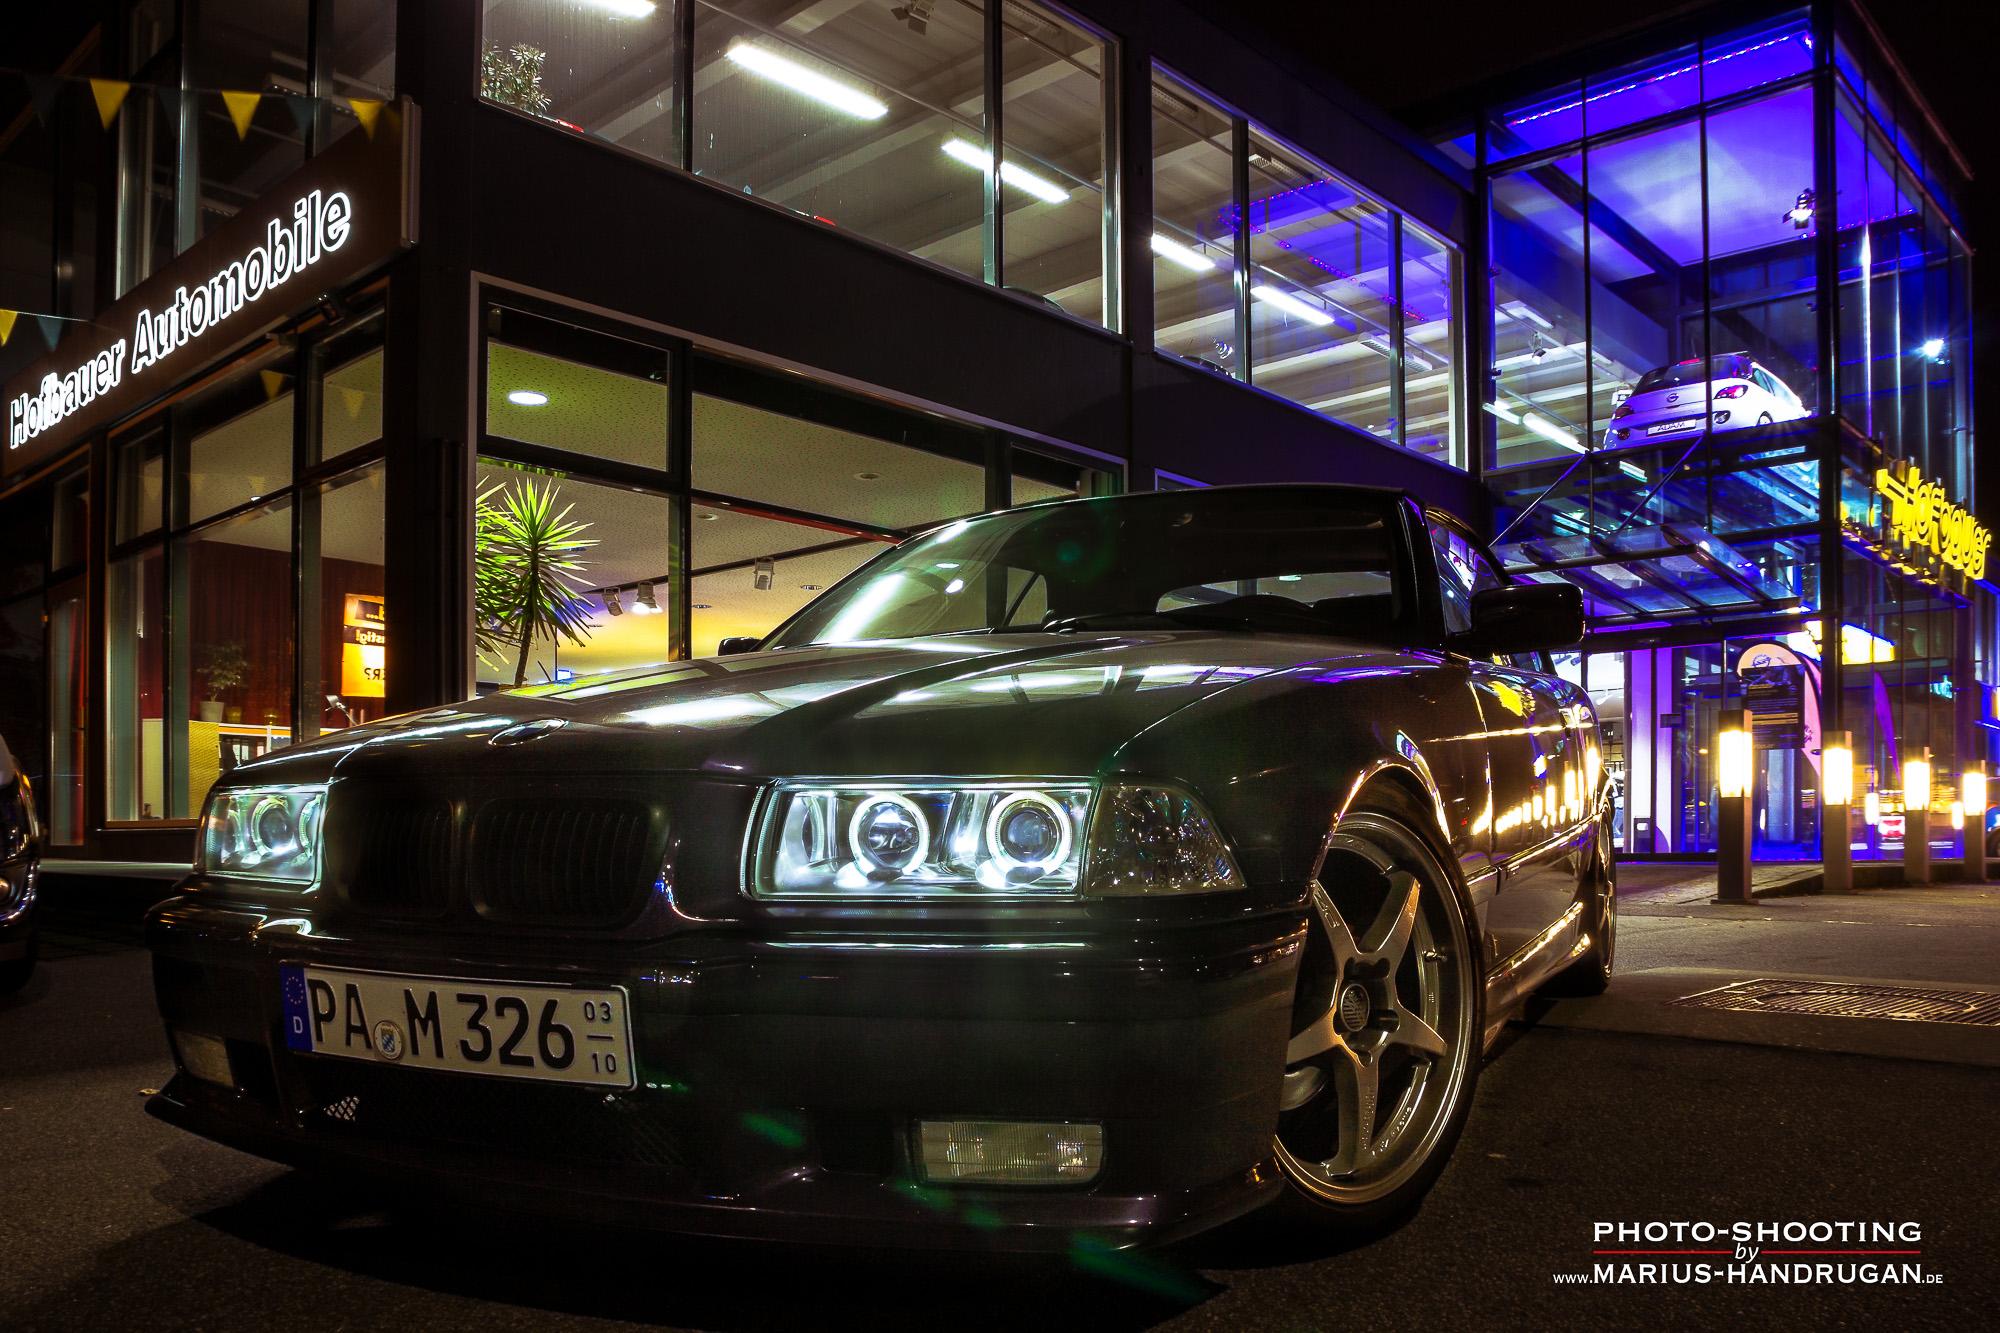 Der Fahrzeugfotograf in Passau